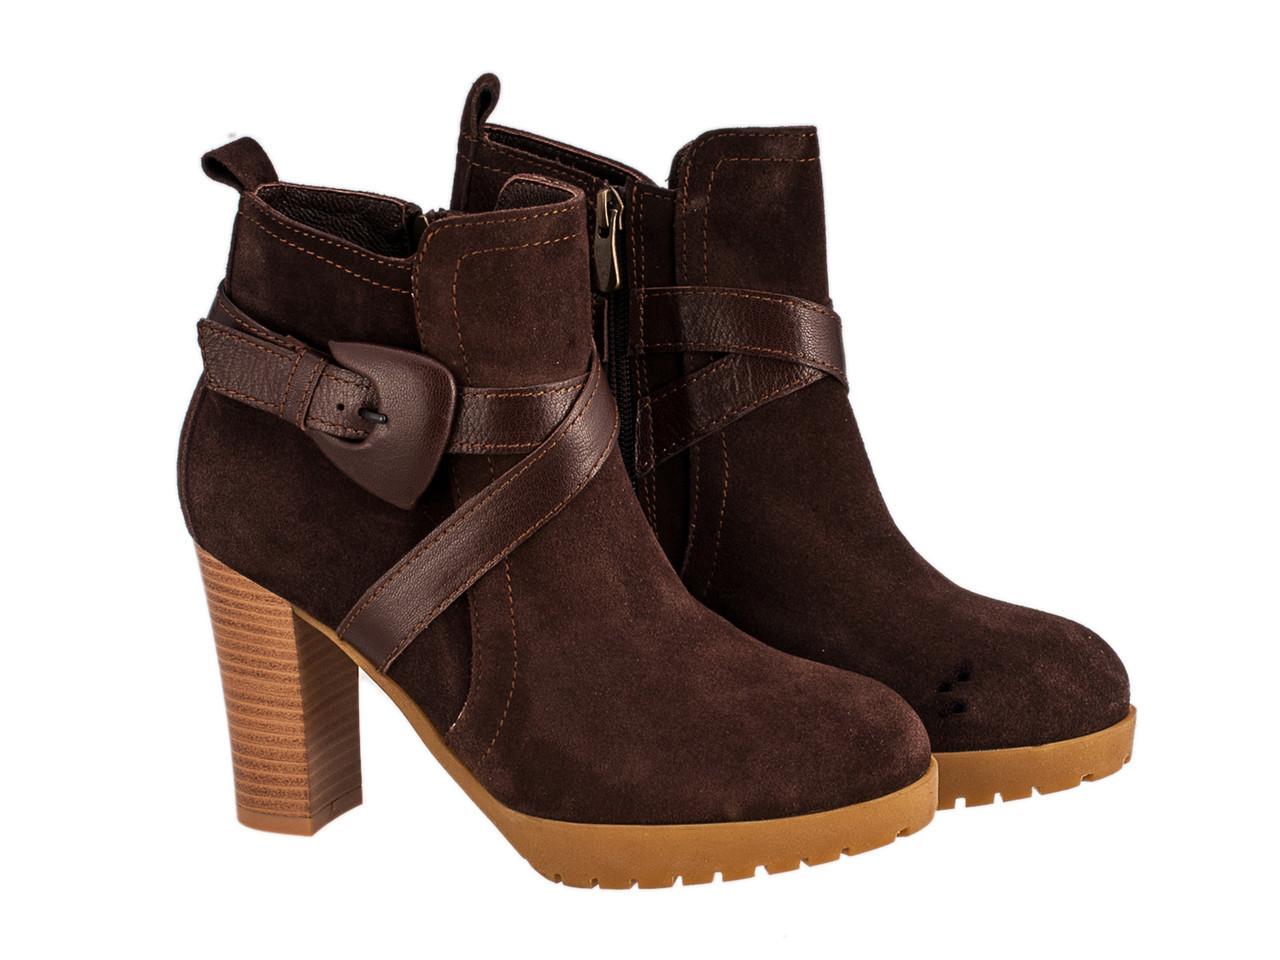 Ботинки Etor 1438-1088-0041 39 коричневые